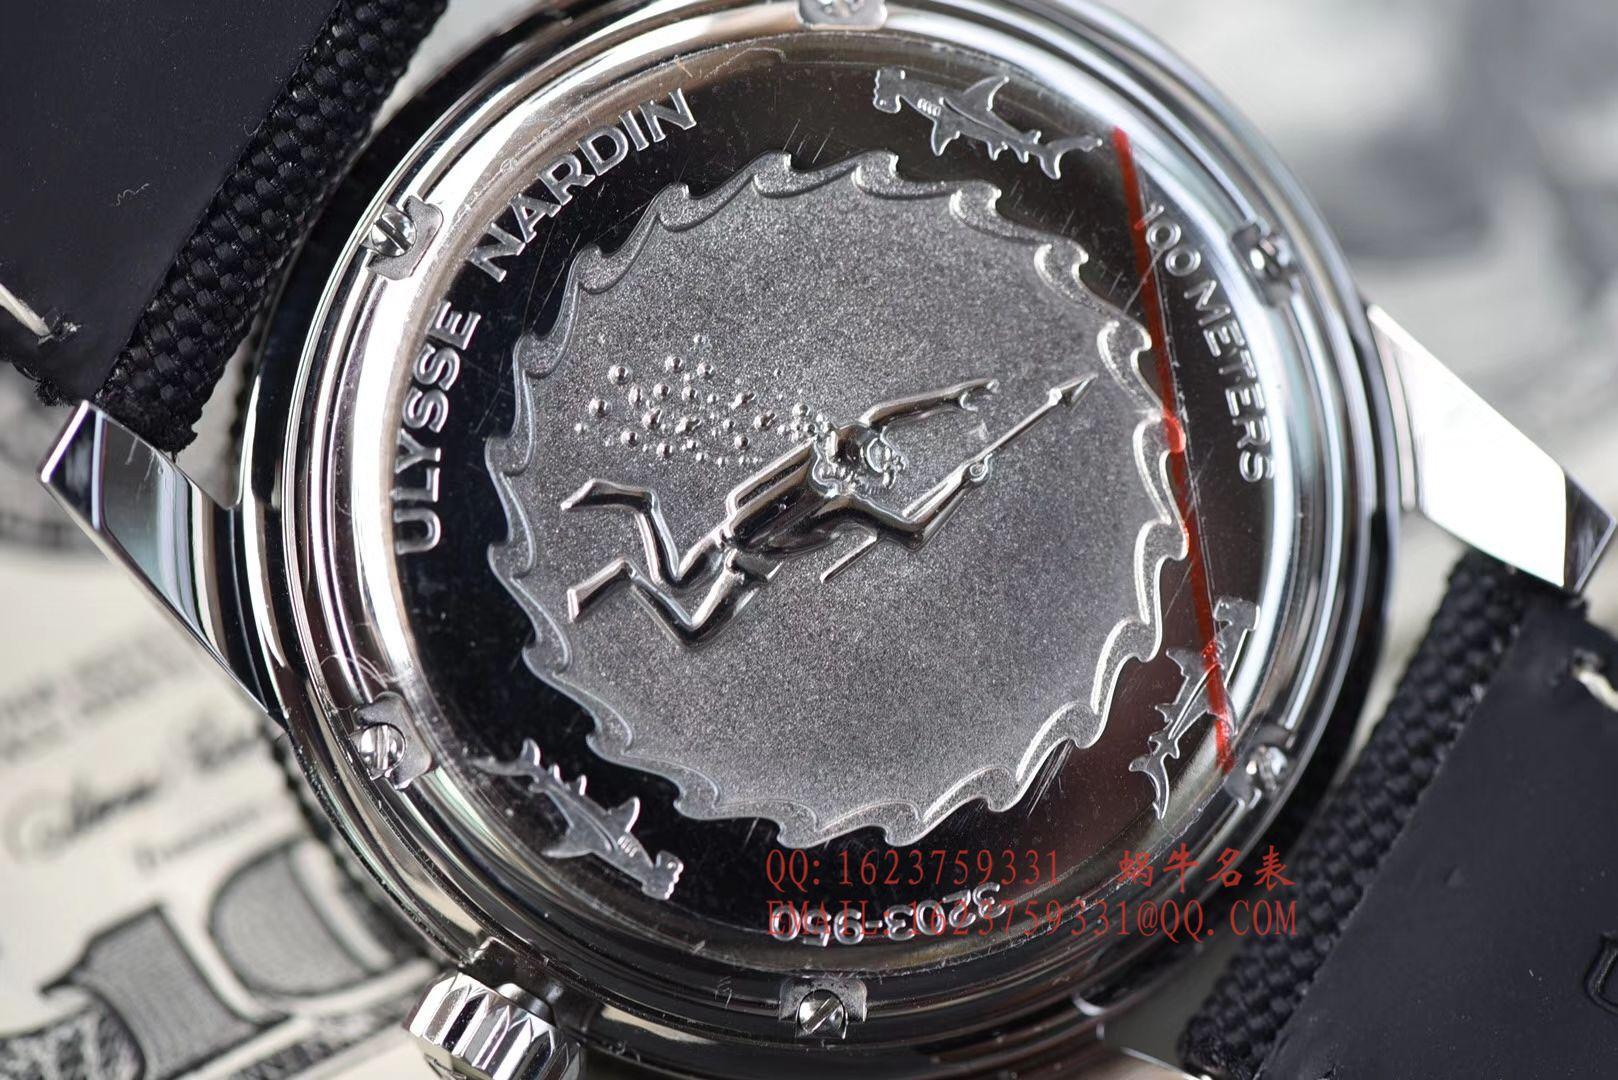 视频评测一比一超A高仿雅典表Ulysse Nardin Diver潜水表系列Le Locle 勒洛克潜水腕表3203-950 / YD012MM